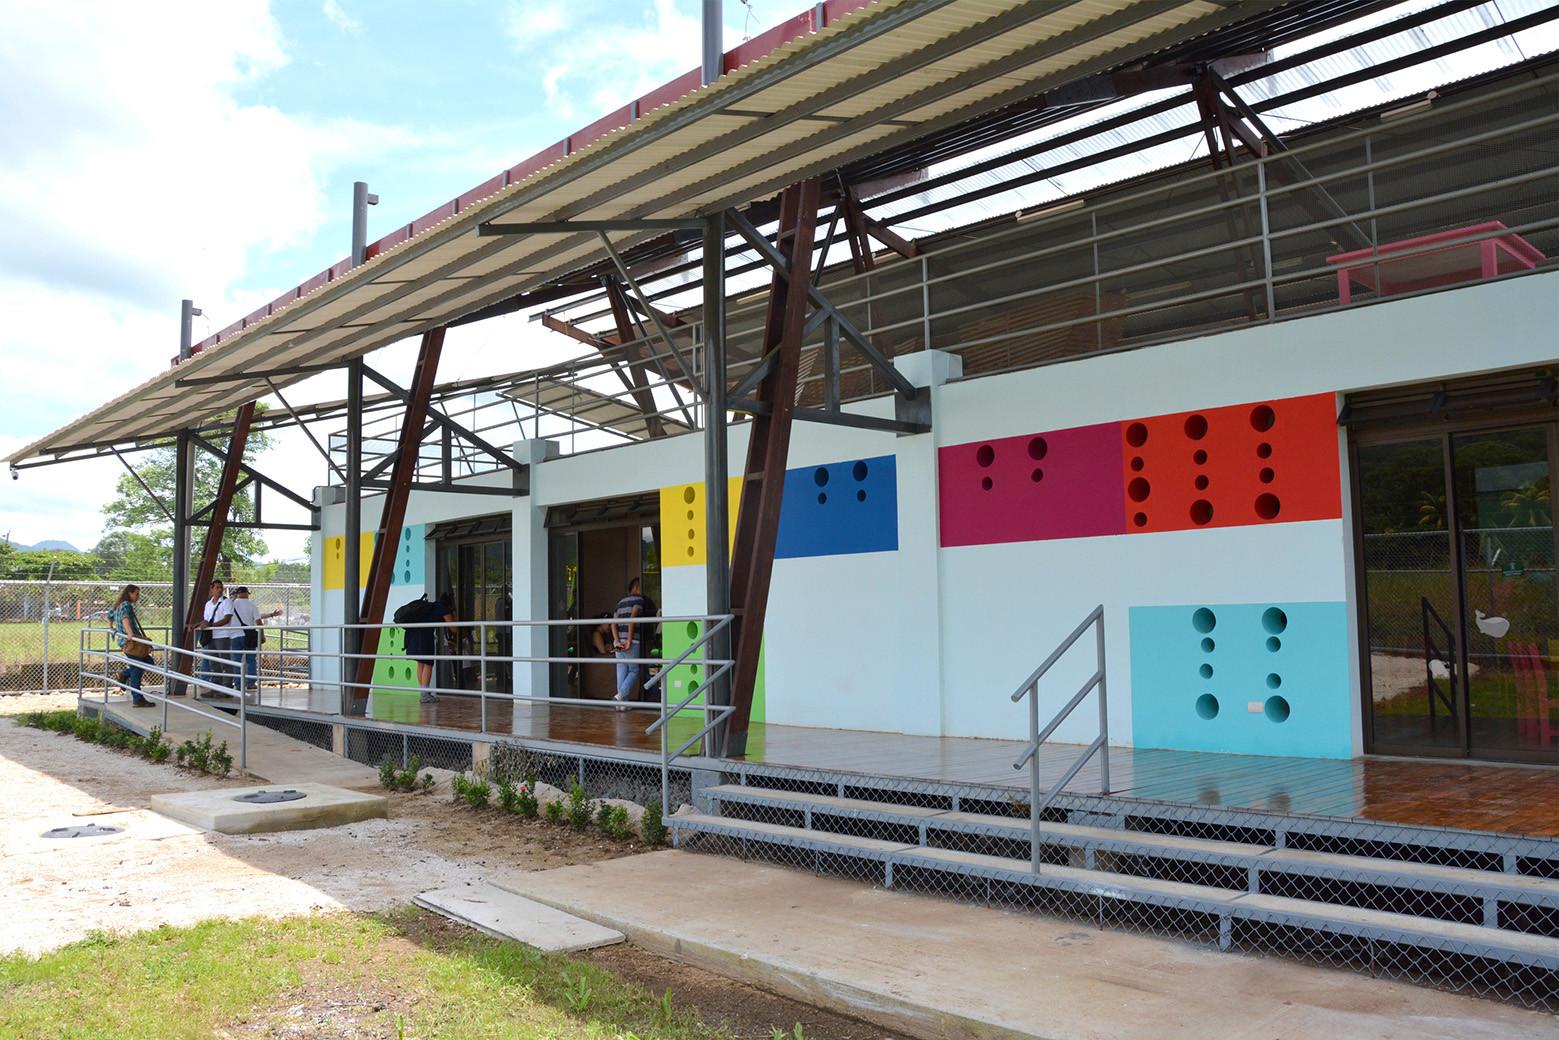 Centro de Assistência e Desenvolvimento Infantil de Nicoya / Entre Nos Atelier, © Pamela Zamora